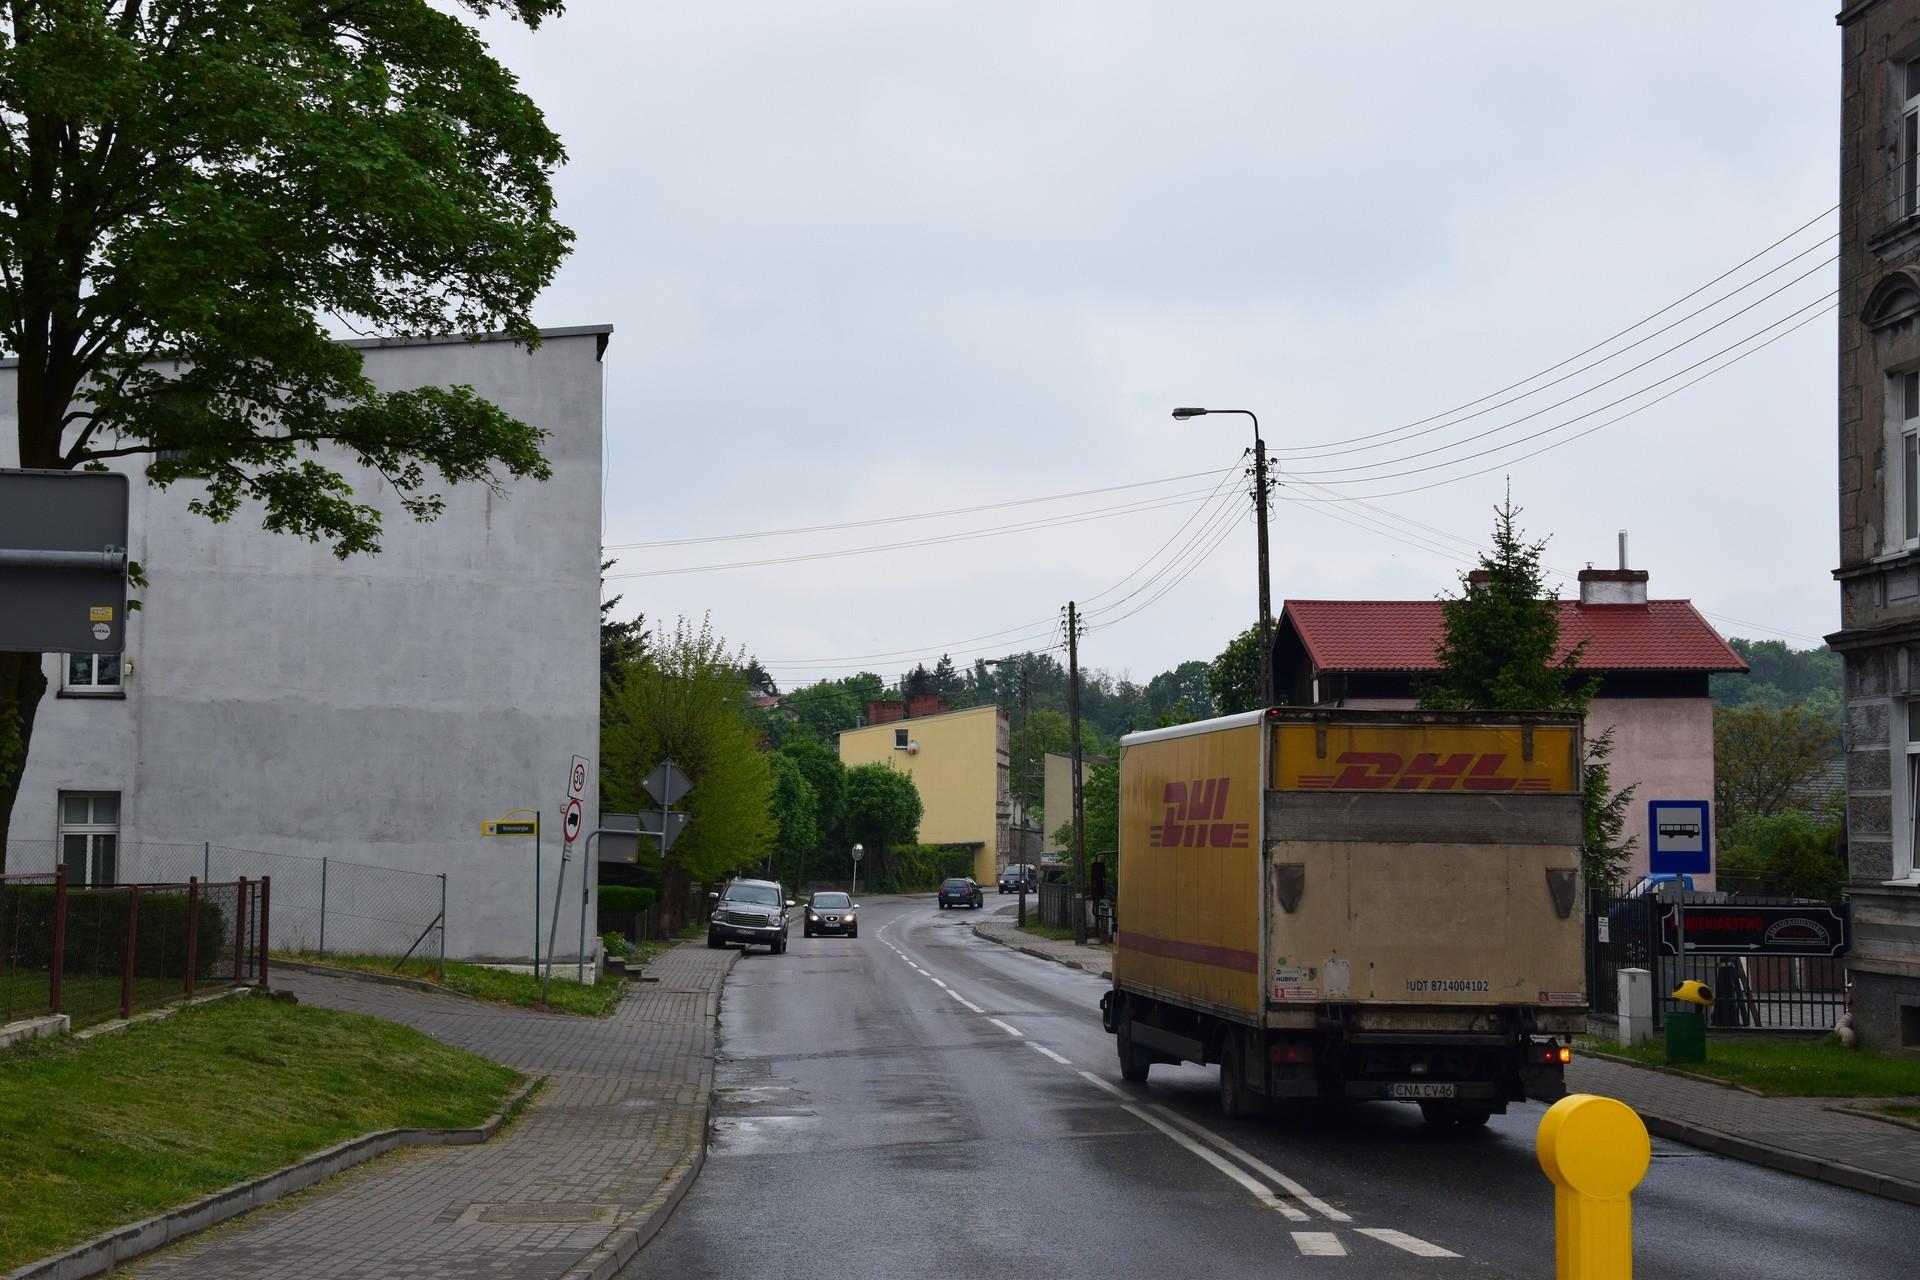 """""""Moja kamienica się trzęsła!"""" Czy wykopy w Chojnicach zagrożą murom? - Gazeta Pomorska"""